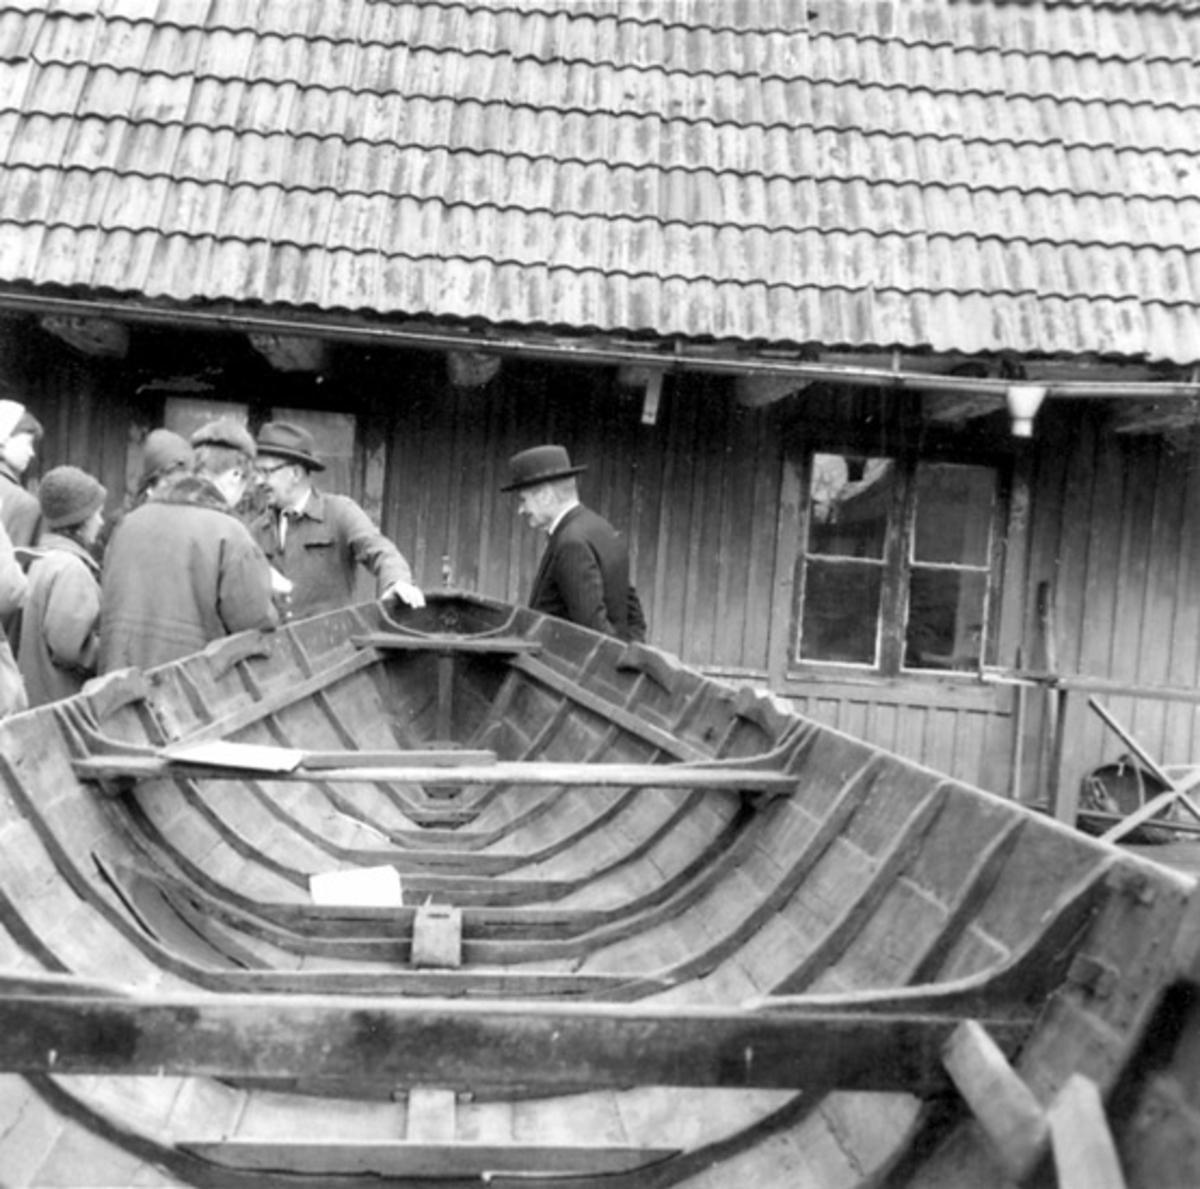 Fotot ät taget: 1958-11-12 - 1958-11-13 Skötbåt byggd av båtbyggare Arvid Engström 1901 för fiskare K. F. Juhlberg, båda från Vaxholm. Stockholms högskolas kurs i båtuppmätning 12-13 Nov. 1958.